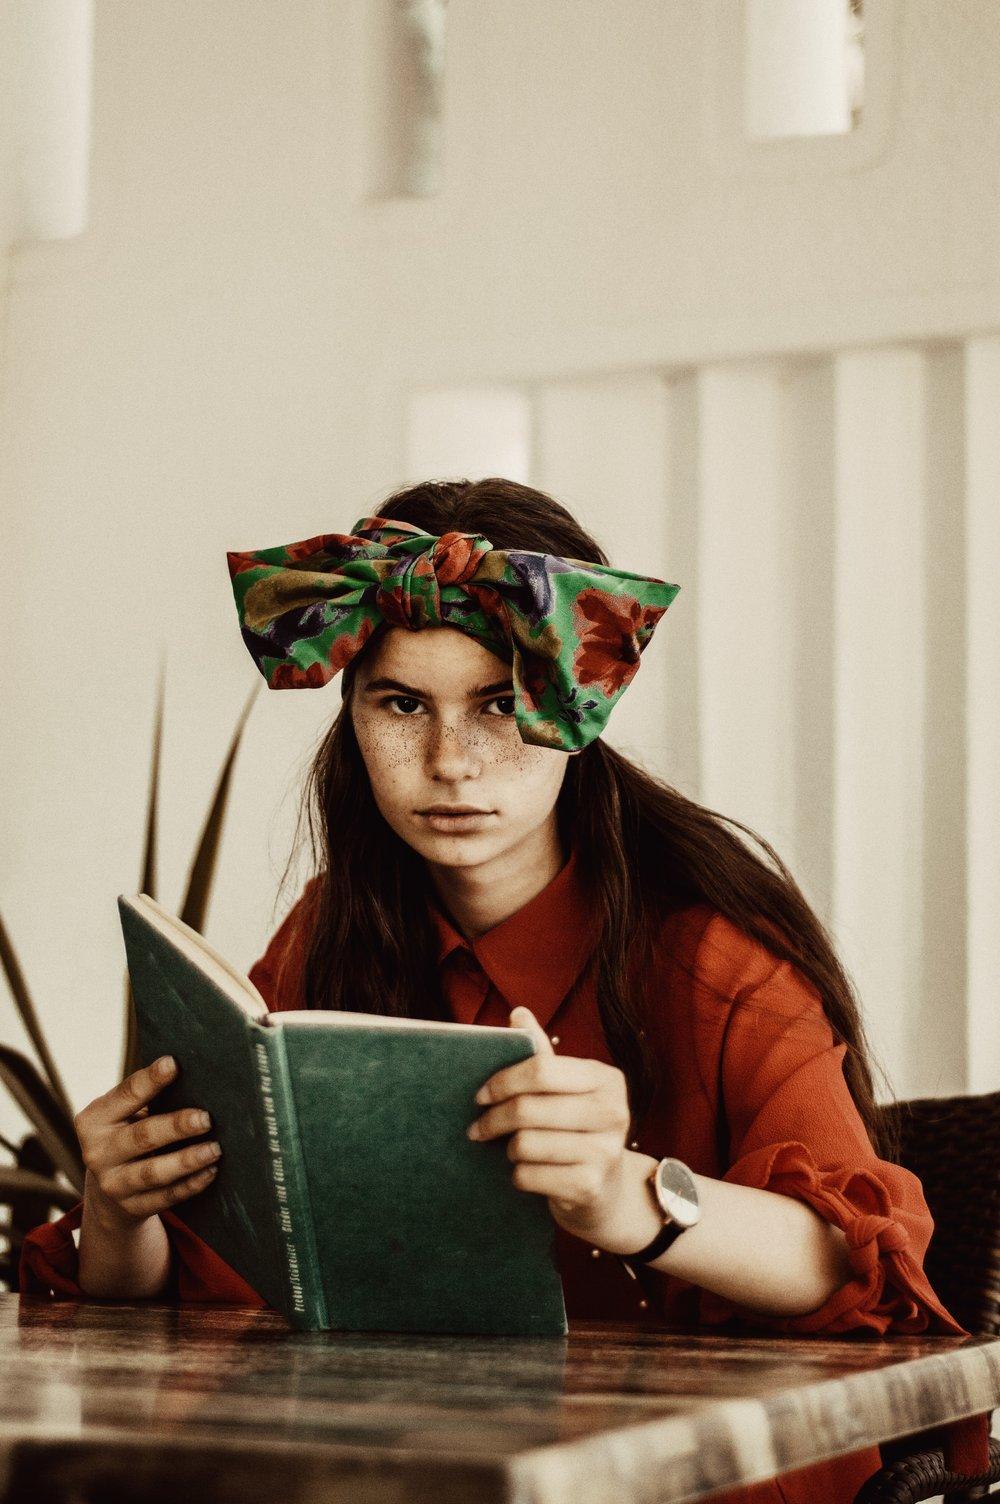 Cách trị mụn-Cô gái cầm sách.